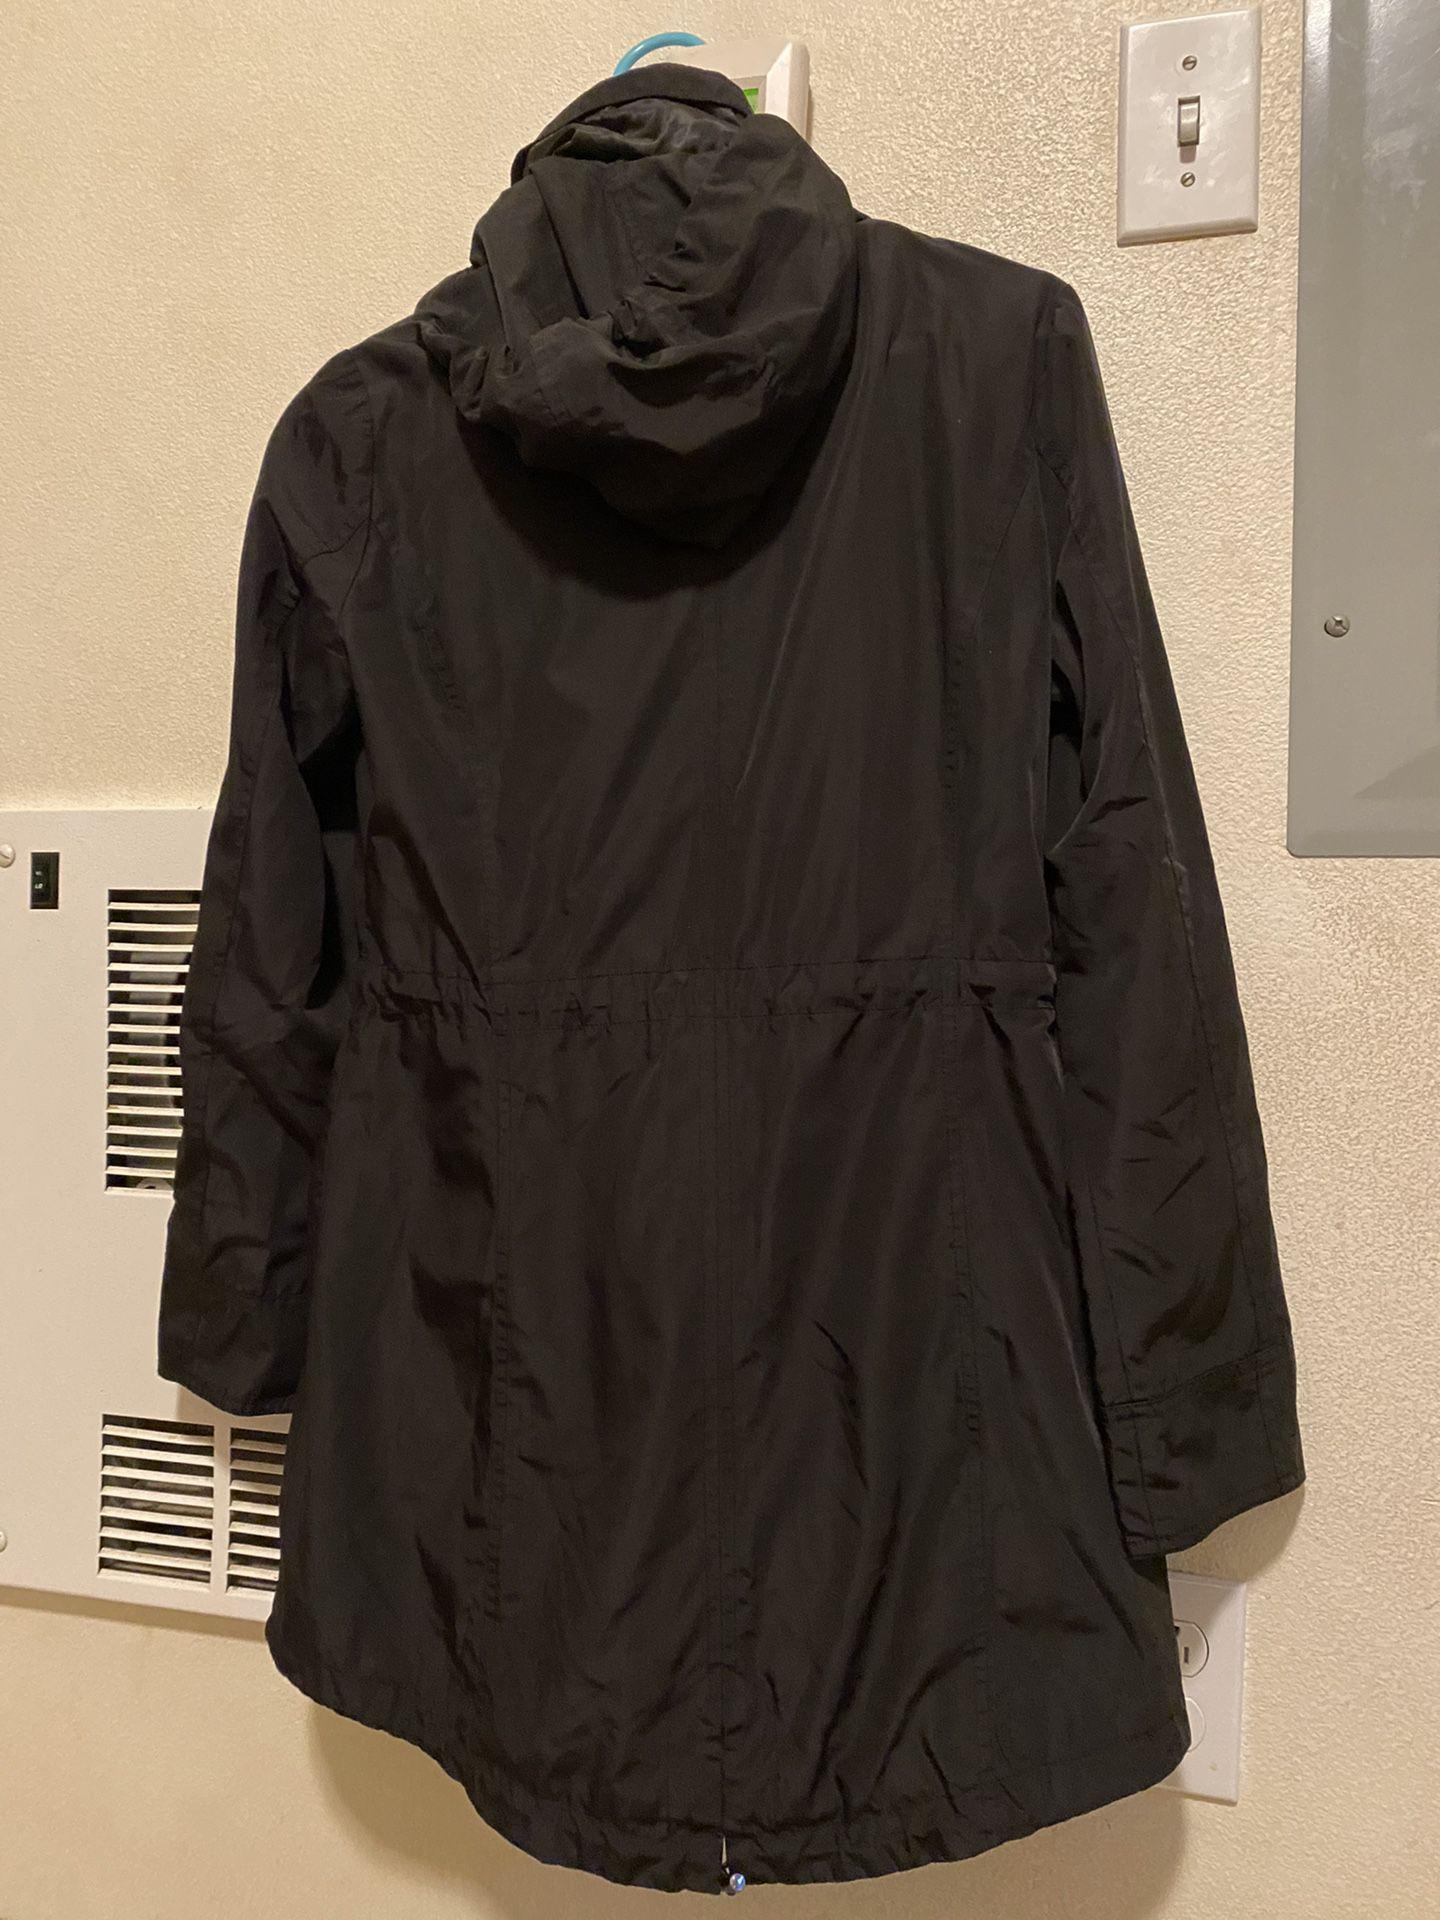 Michael Kors Woman Jacket Size XS